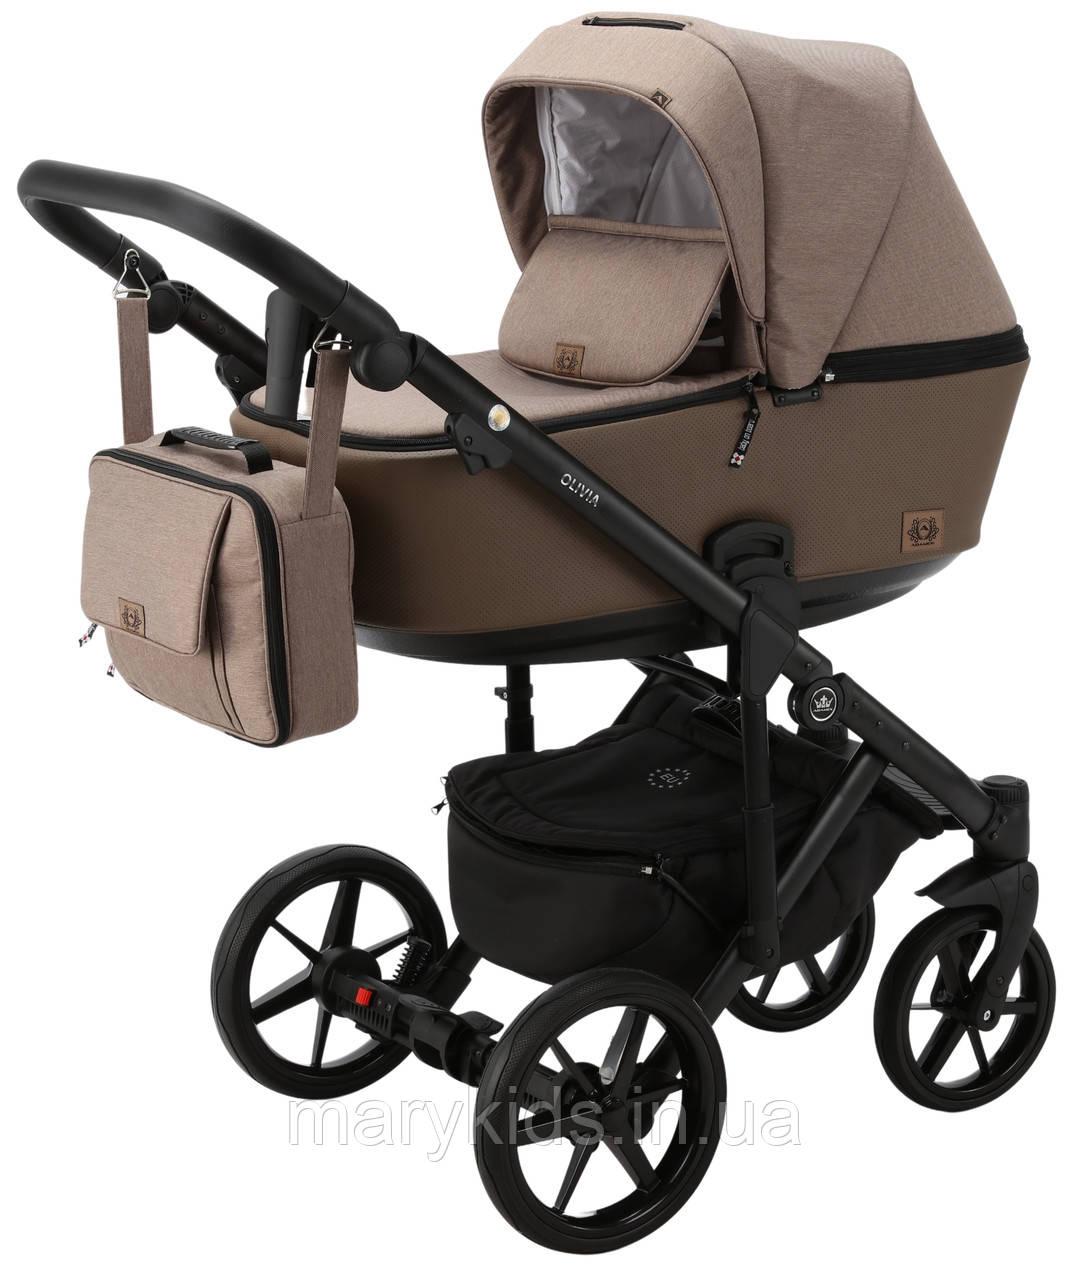 Дитяча універсальна коляска 2 в 1 Adamex Olivia PS-15